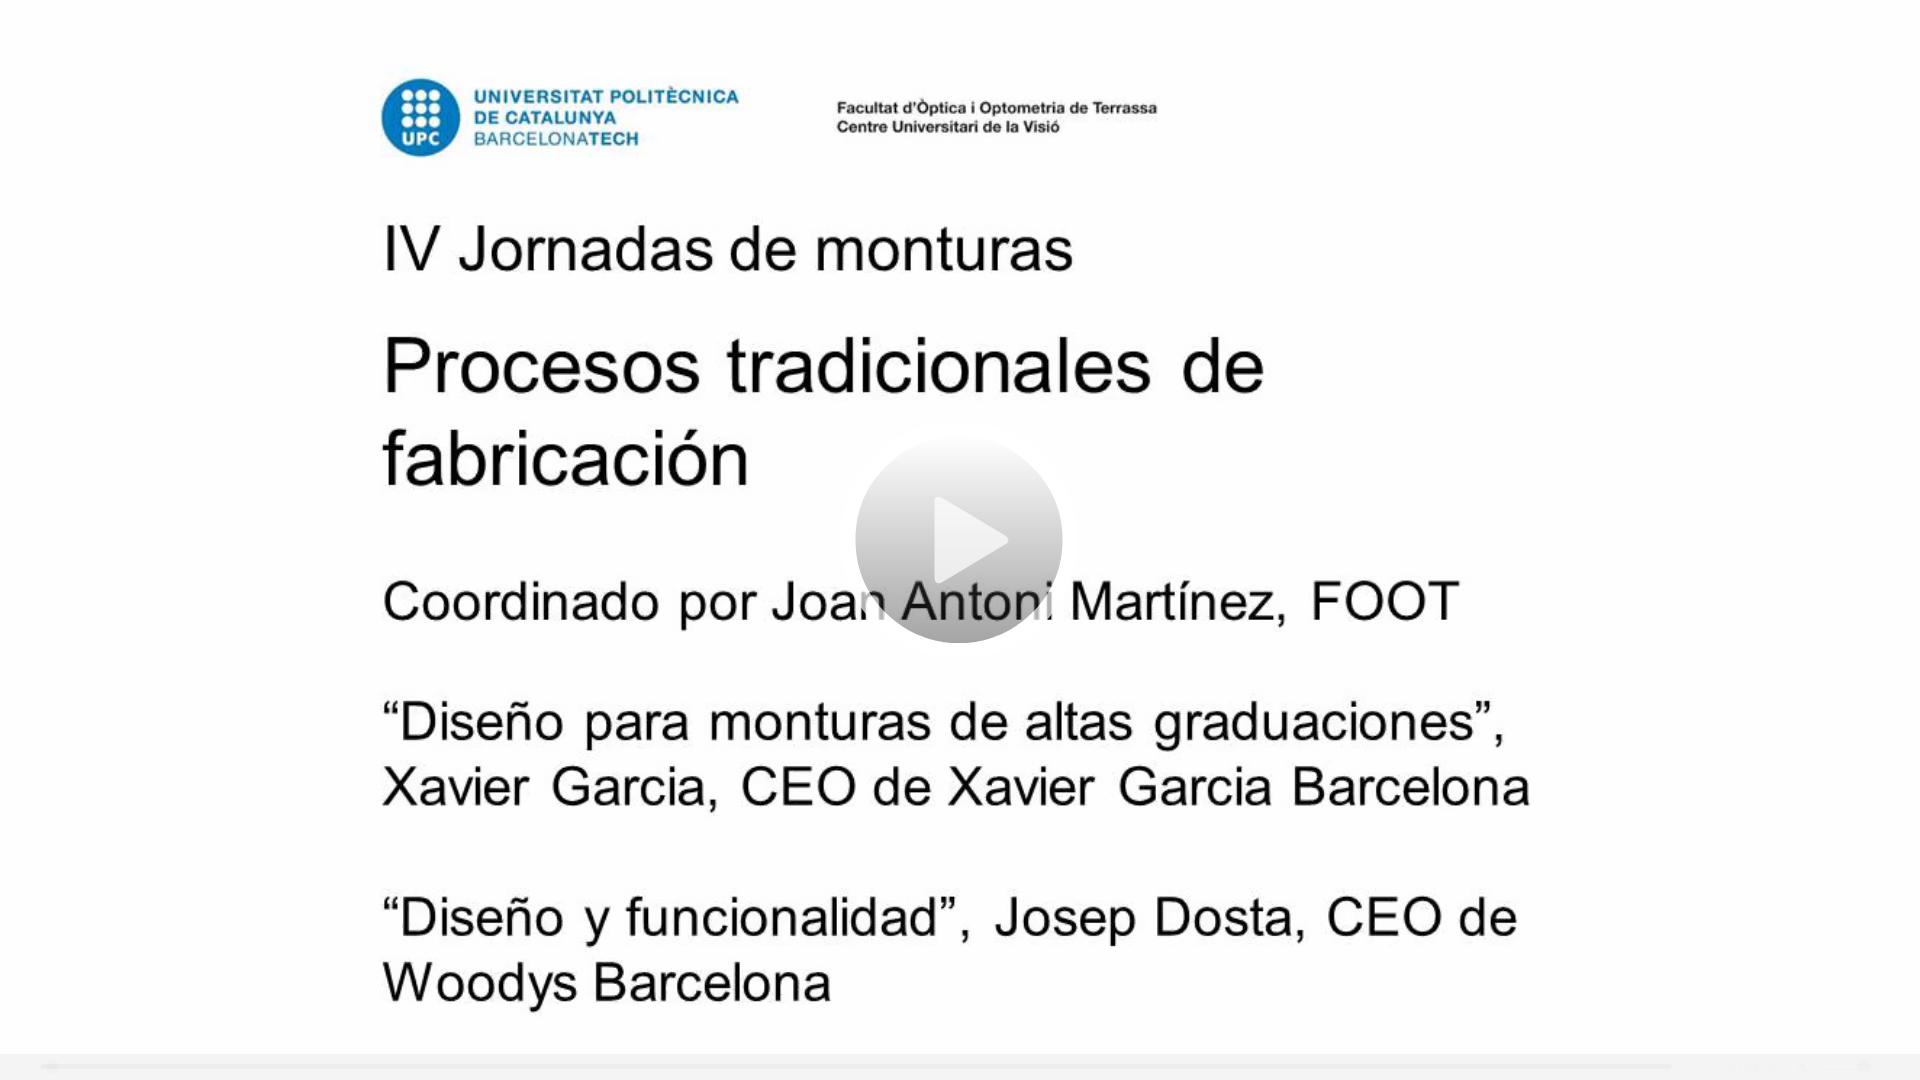 Jmuntures2017_procesos_tradicionals(XavierGarcia_Woodys)